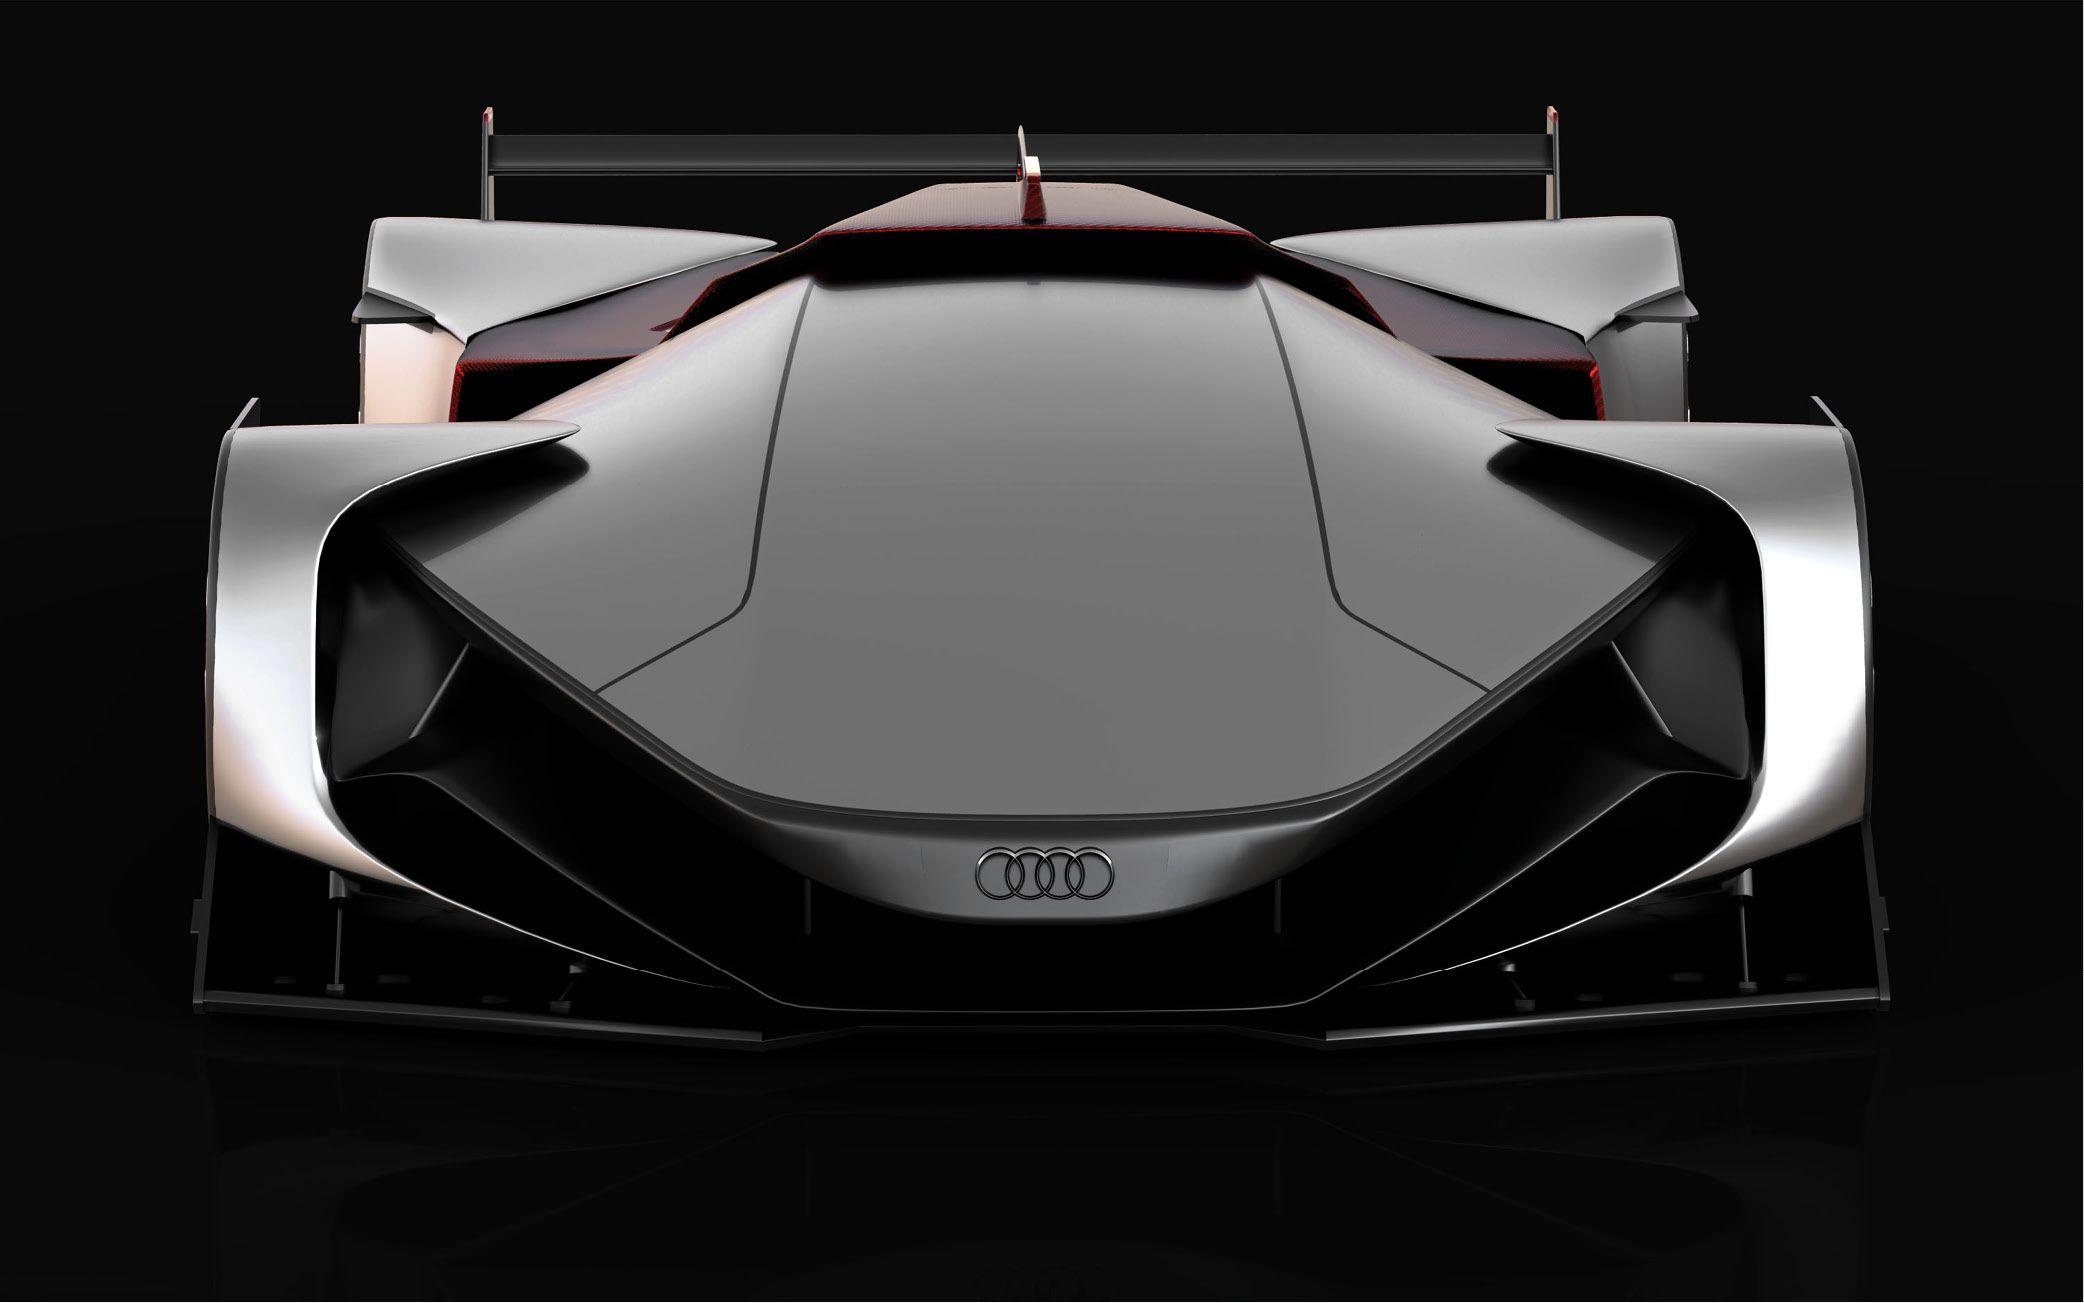 Empfohlenes Behance Projekt Audi Future Le Mans Vision Car Racing Shoes Https Www Behance Net Gallery 438 Futuristic Cars Design Audi Cars Concept Cars